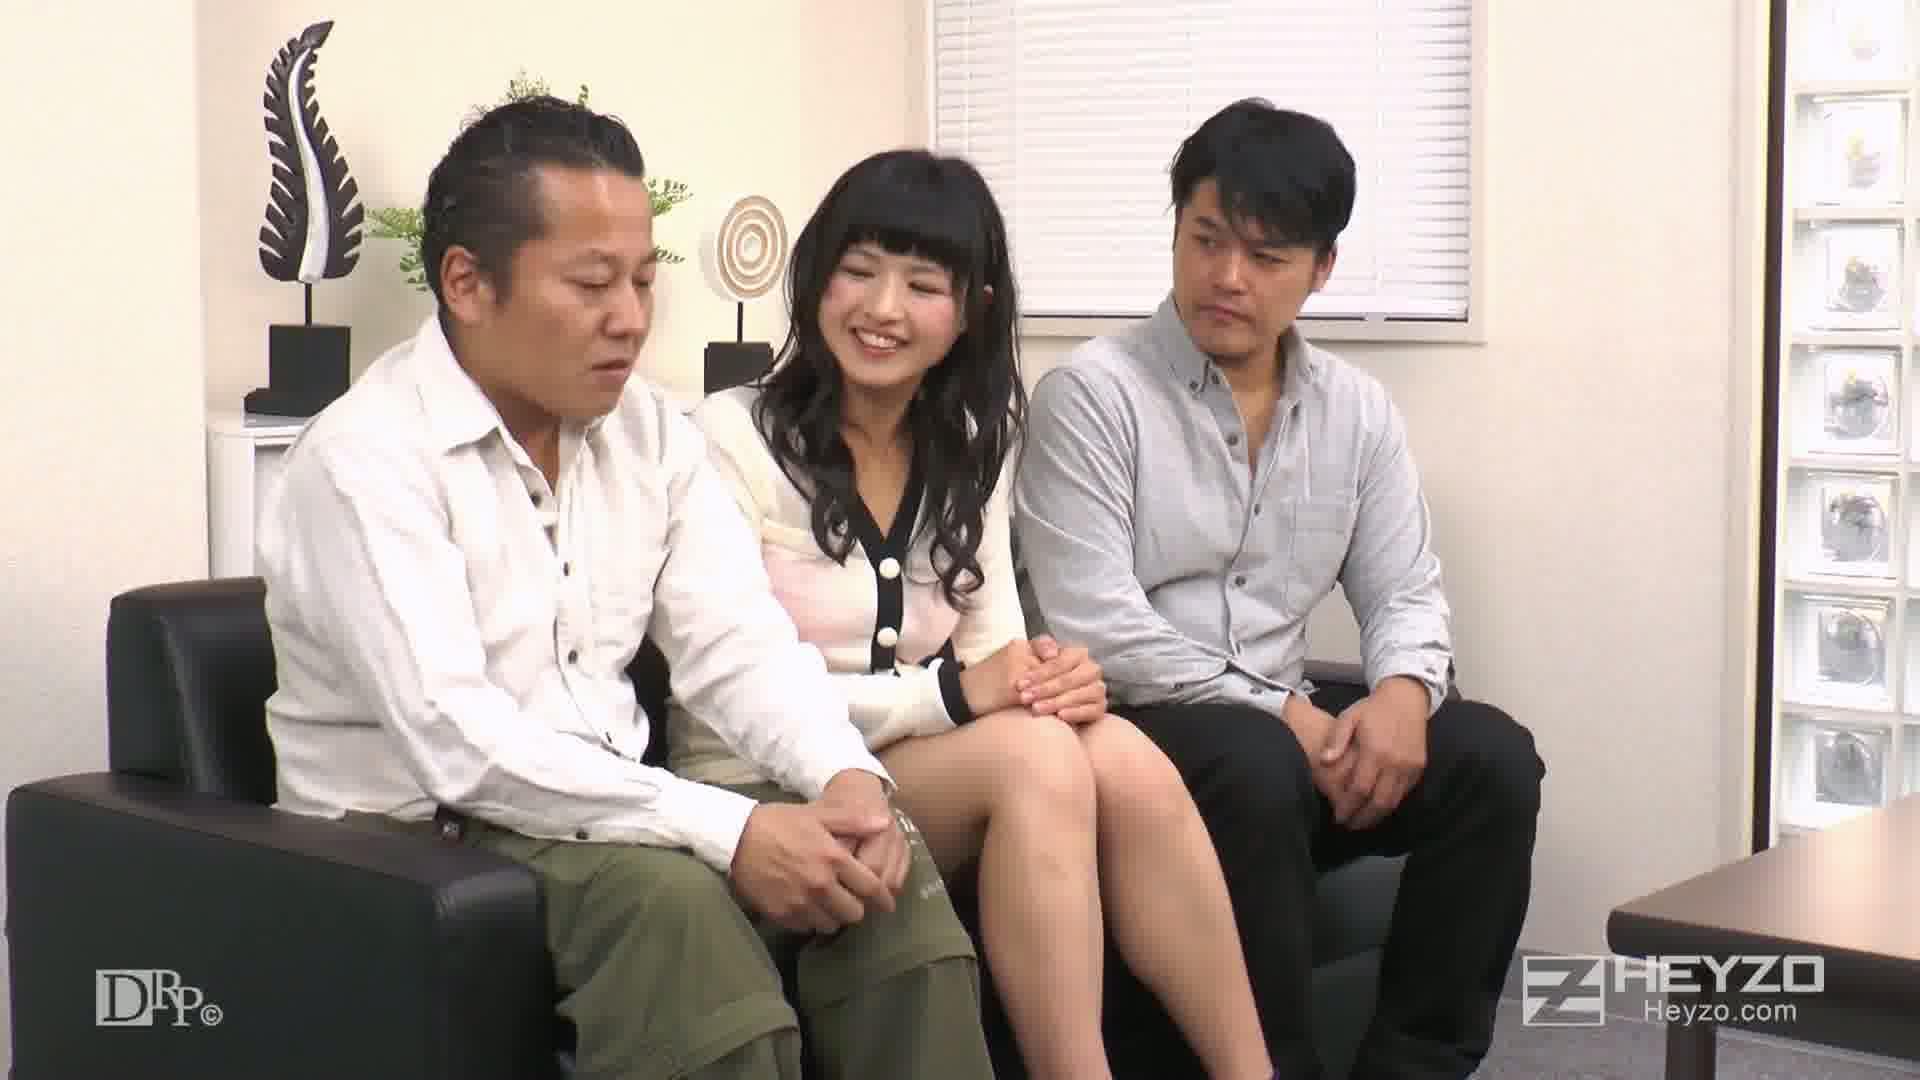 まんこ屋~新入社員はヤル気マンマン!~ - ゆずき【絡み開始 指マン Wフェラ 3P】